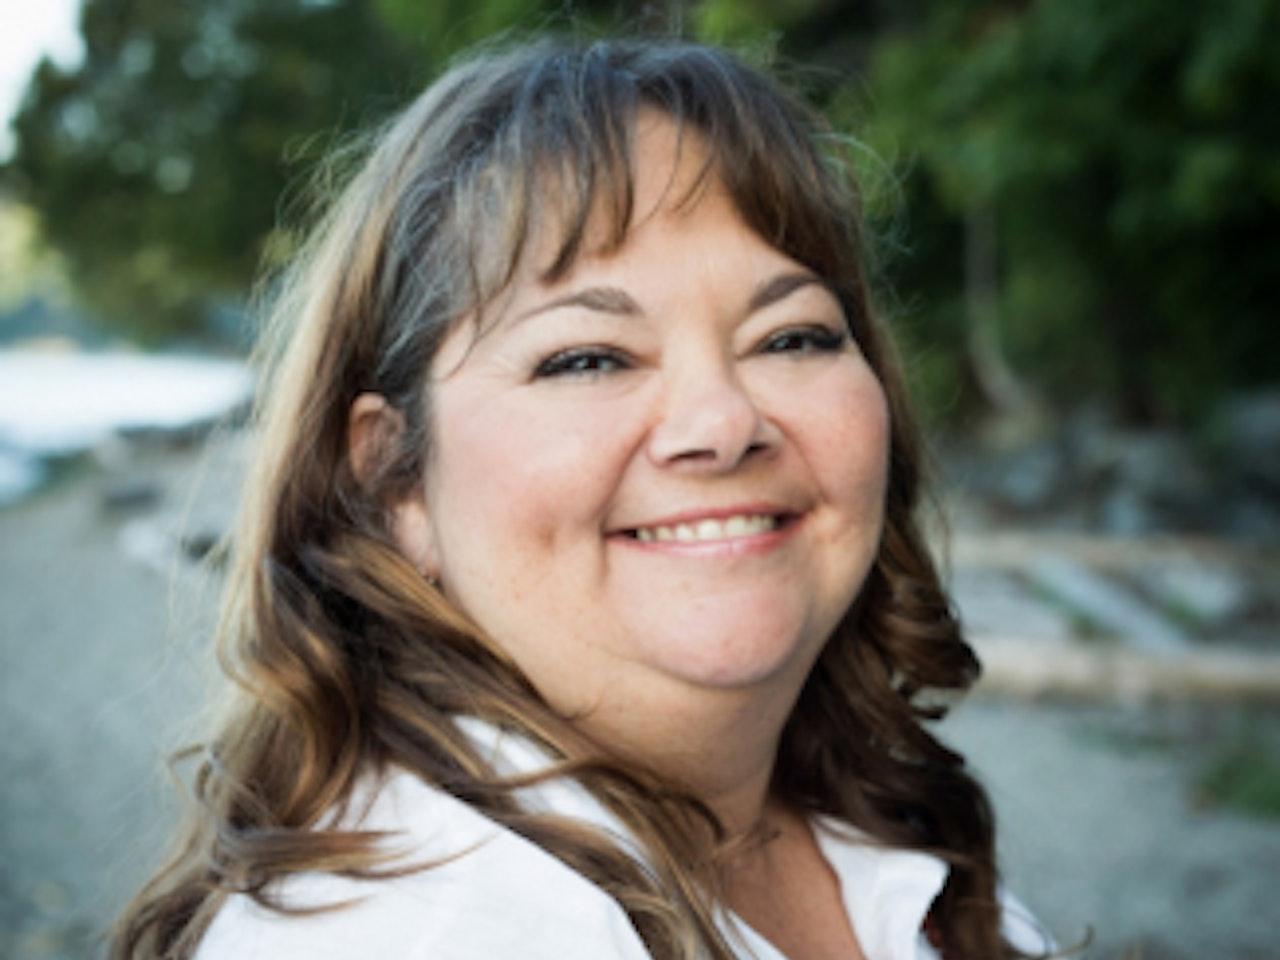 """Série """"Guérison et Réconciliation"""" - Entrevue avec l'Auteure Monique Gray Smith / """"Healing & Reconciliation"""" Series - Interview with Author Monique Gray Smith"""